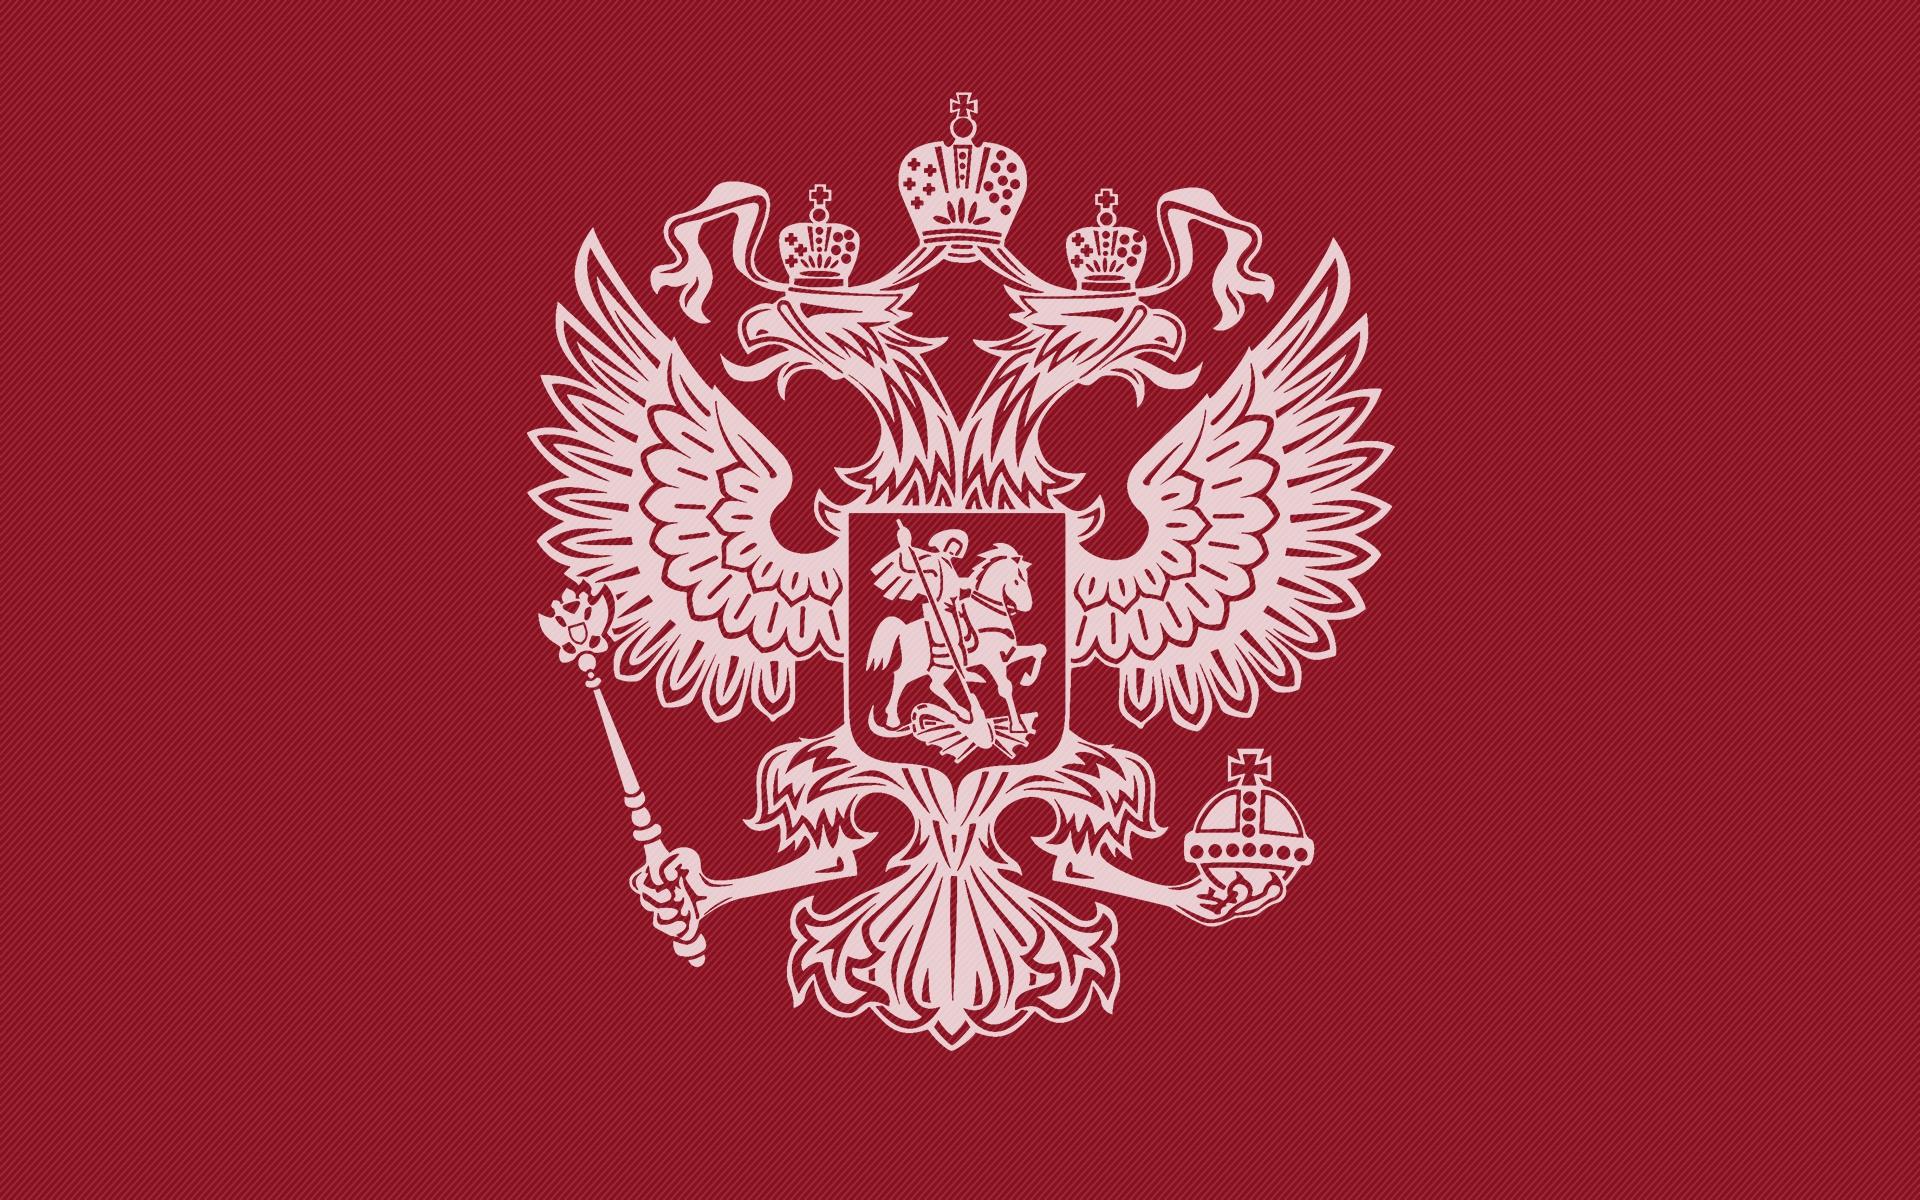 обои на рабочий стол флаг и герб россии фотки такие жизни